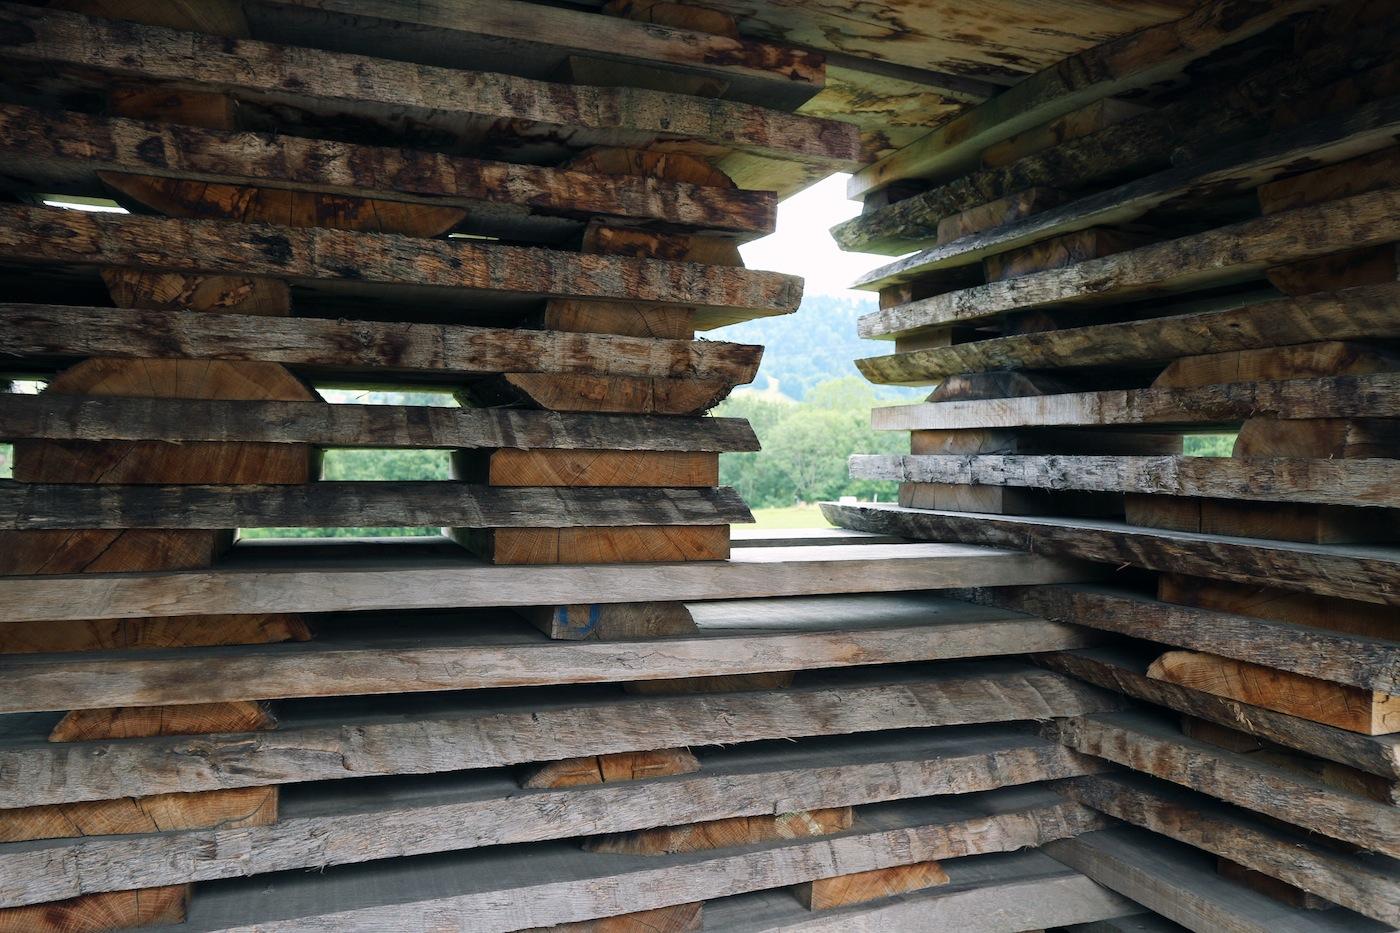 BUS:STOP Unterkrumbach Nord. In Krumbach haben sie zum ersten Mal mit Holz gearbeitet – wir sind gespannt in welche Architektur die Belastungsproben mit anderen Materialien münden.